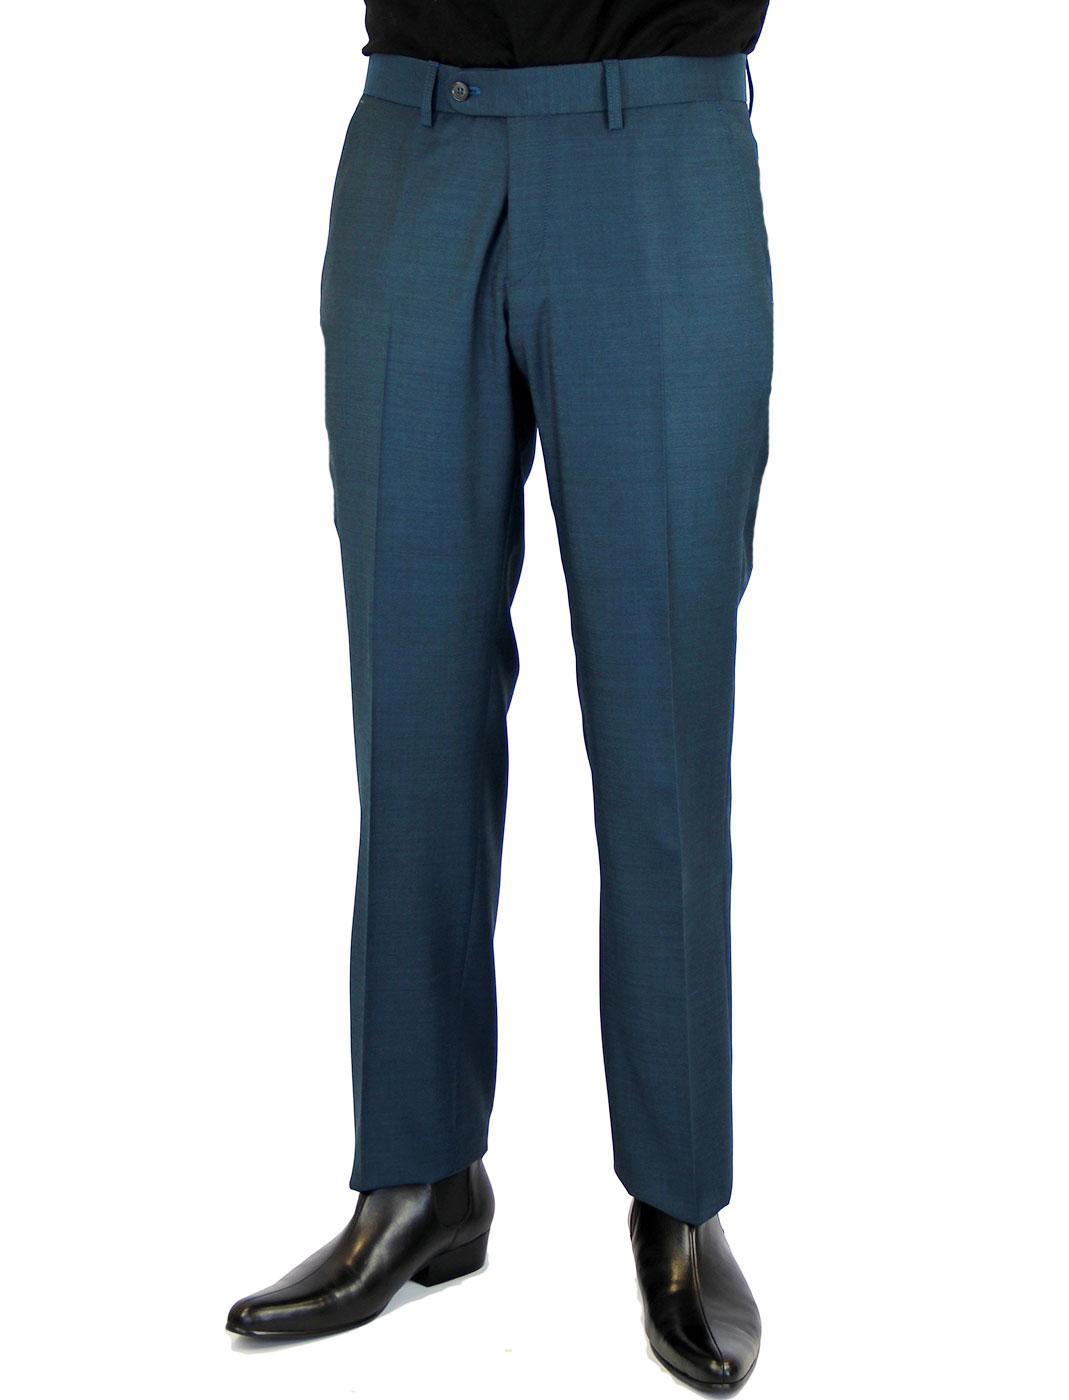 Retro 60s Mod Slim Plain Front Suit Trousers TEAL